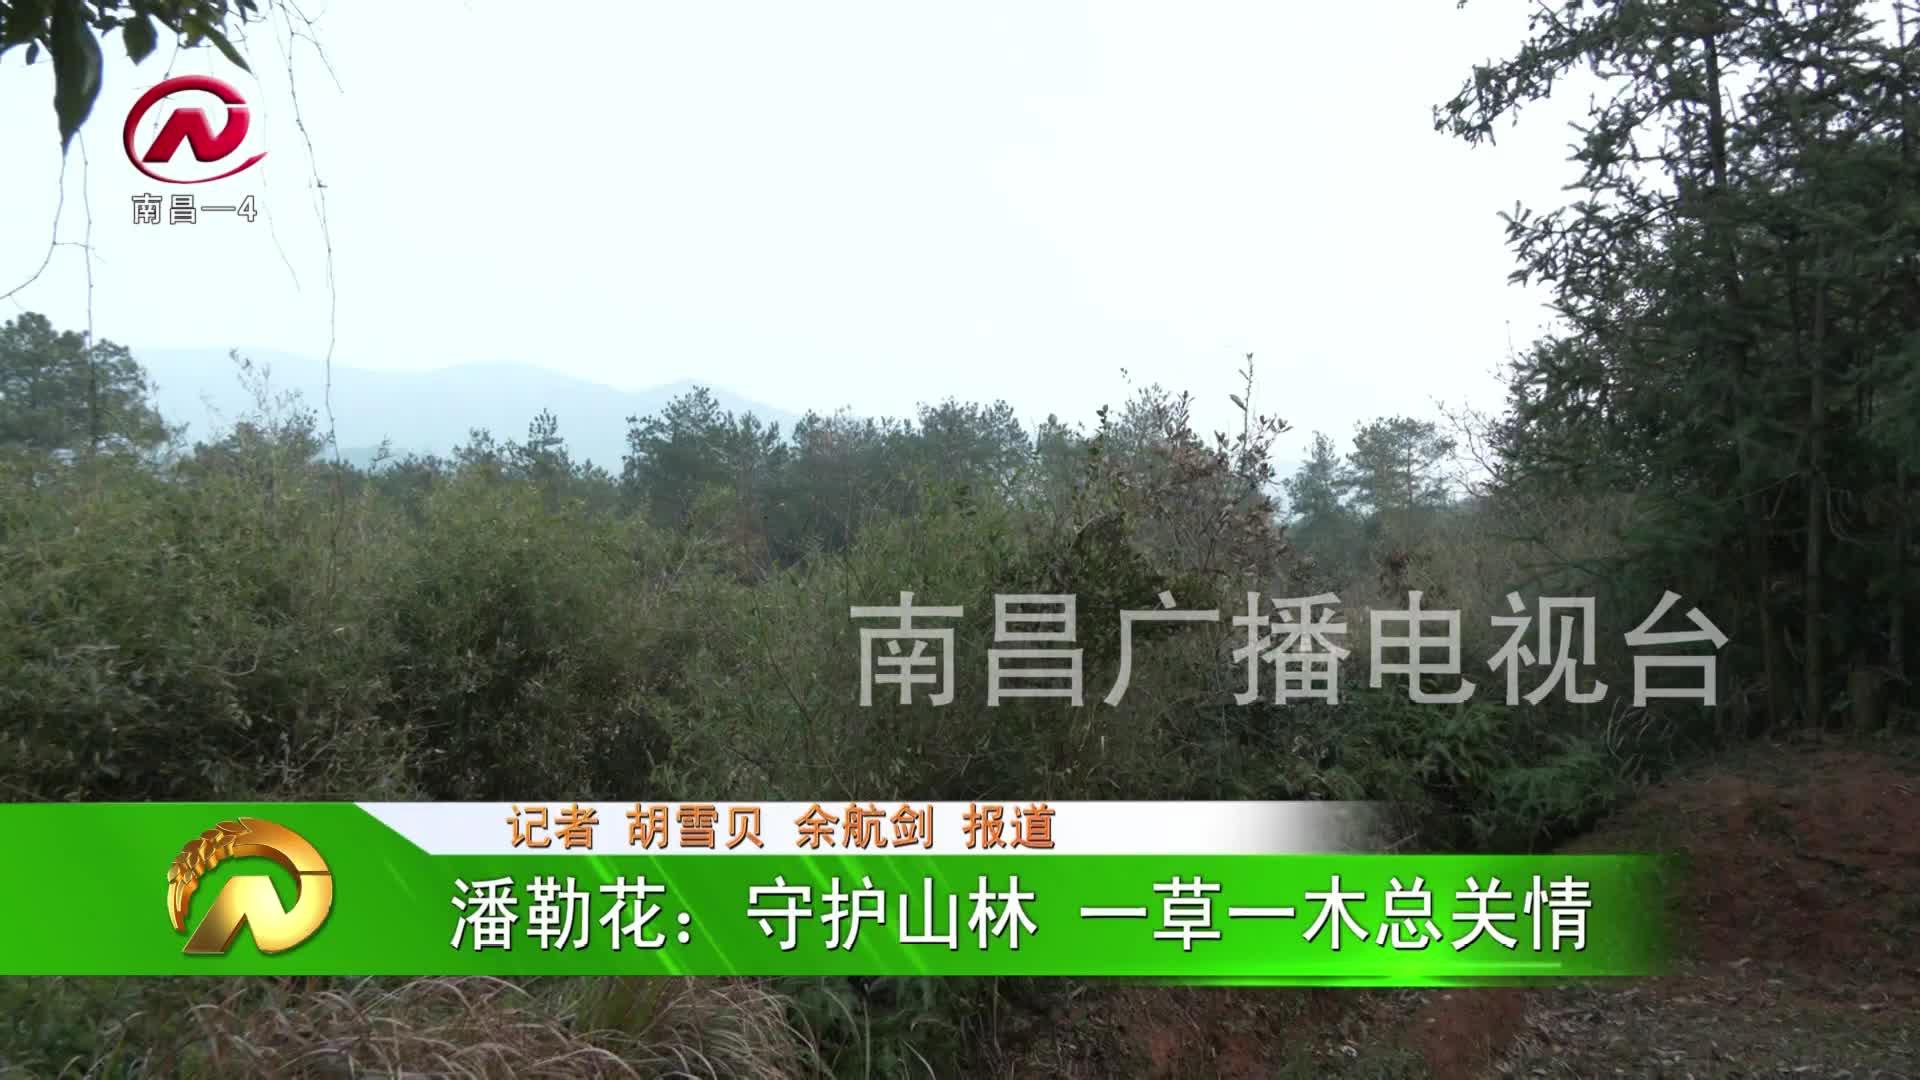 【豫章农视】潘勒花:守护山林 一草一木总关情